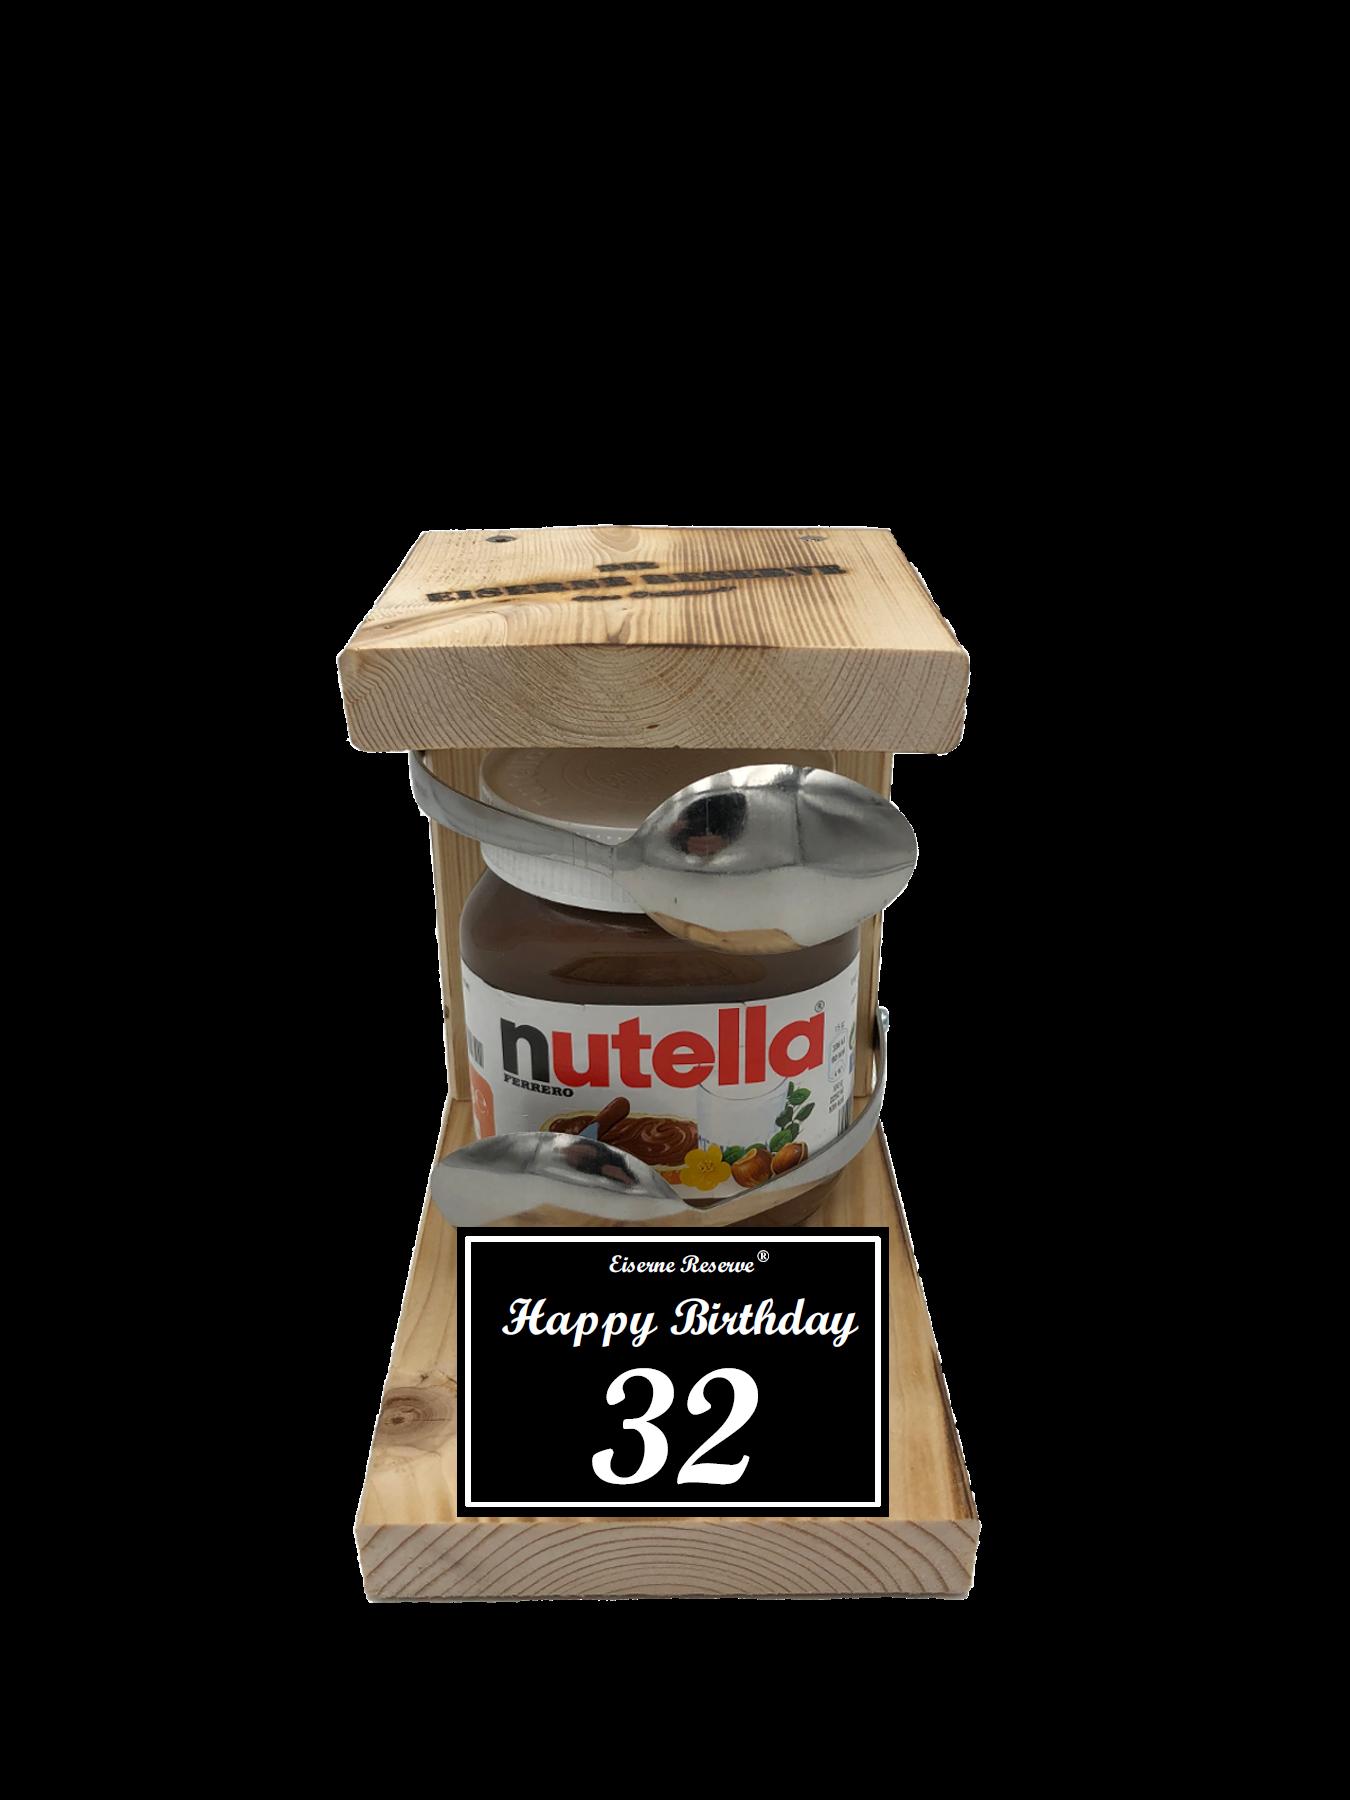 32 Happy Birthday Löffel Nutella Geschenk - Die Nutella Geschenkidee